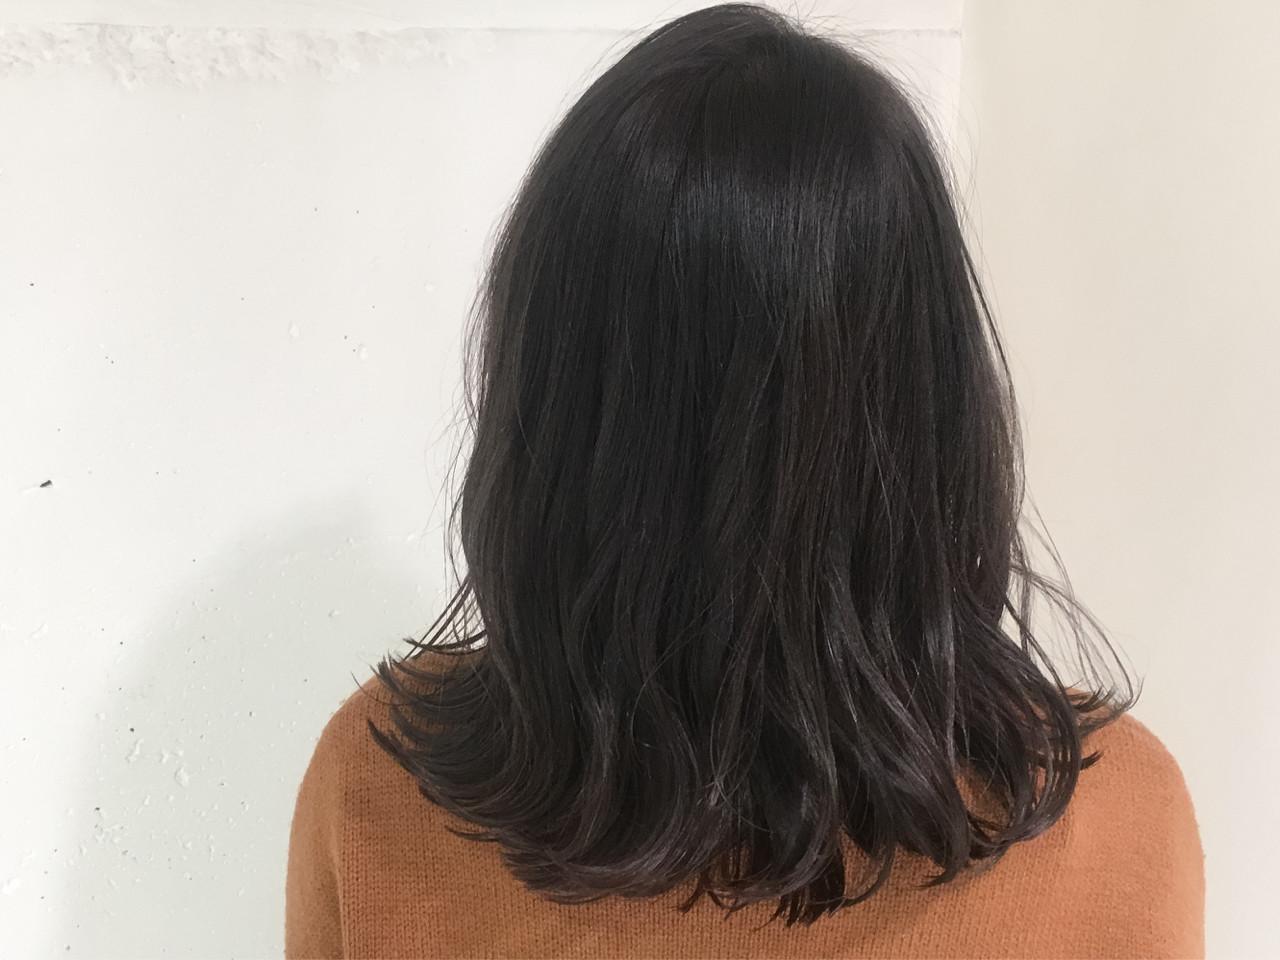 小顔 アッシュ 外国人風 大人女子 ヘアスタイルや髪型の写真・画像